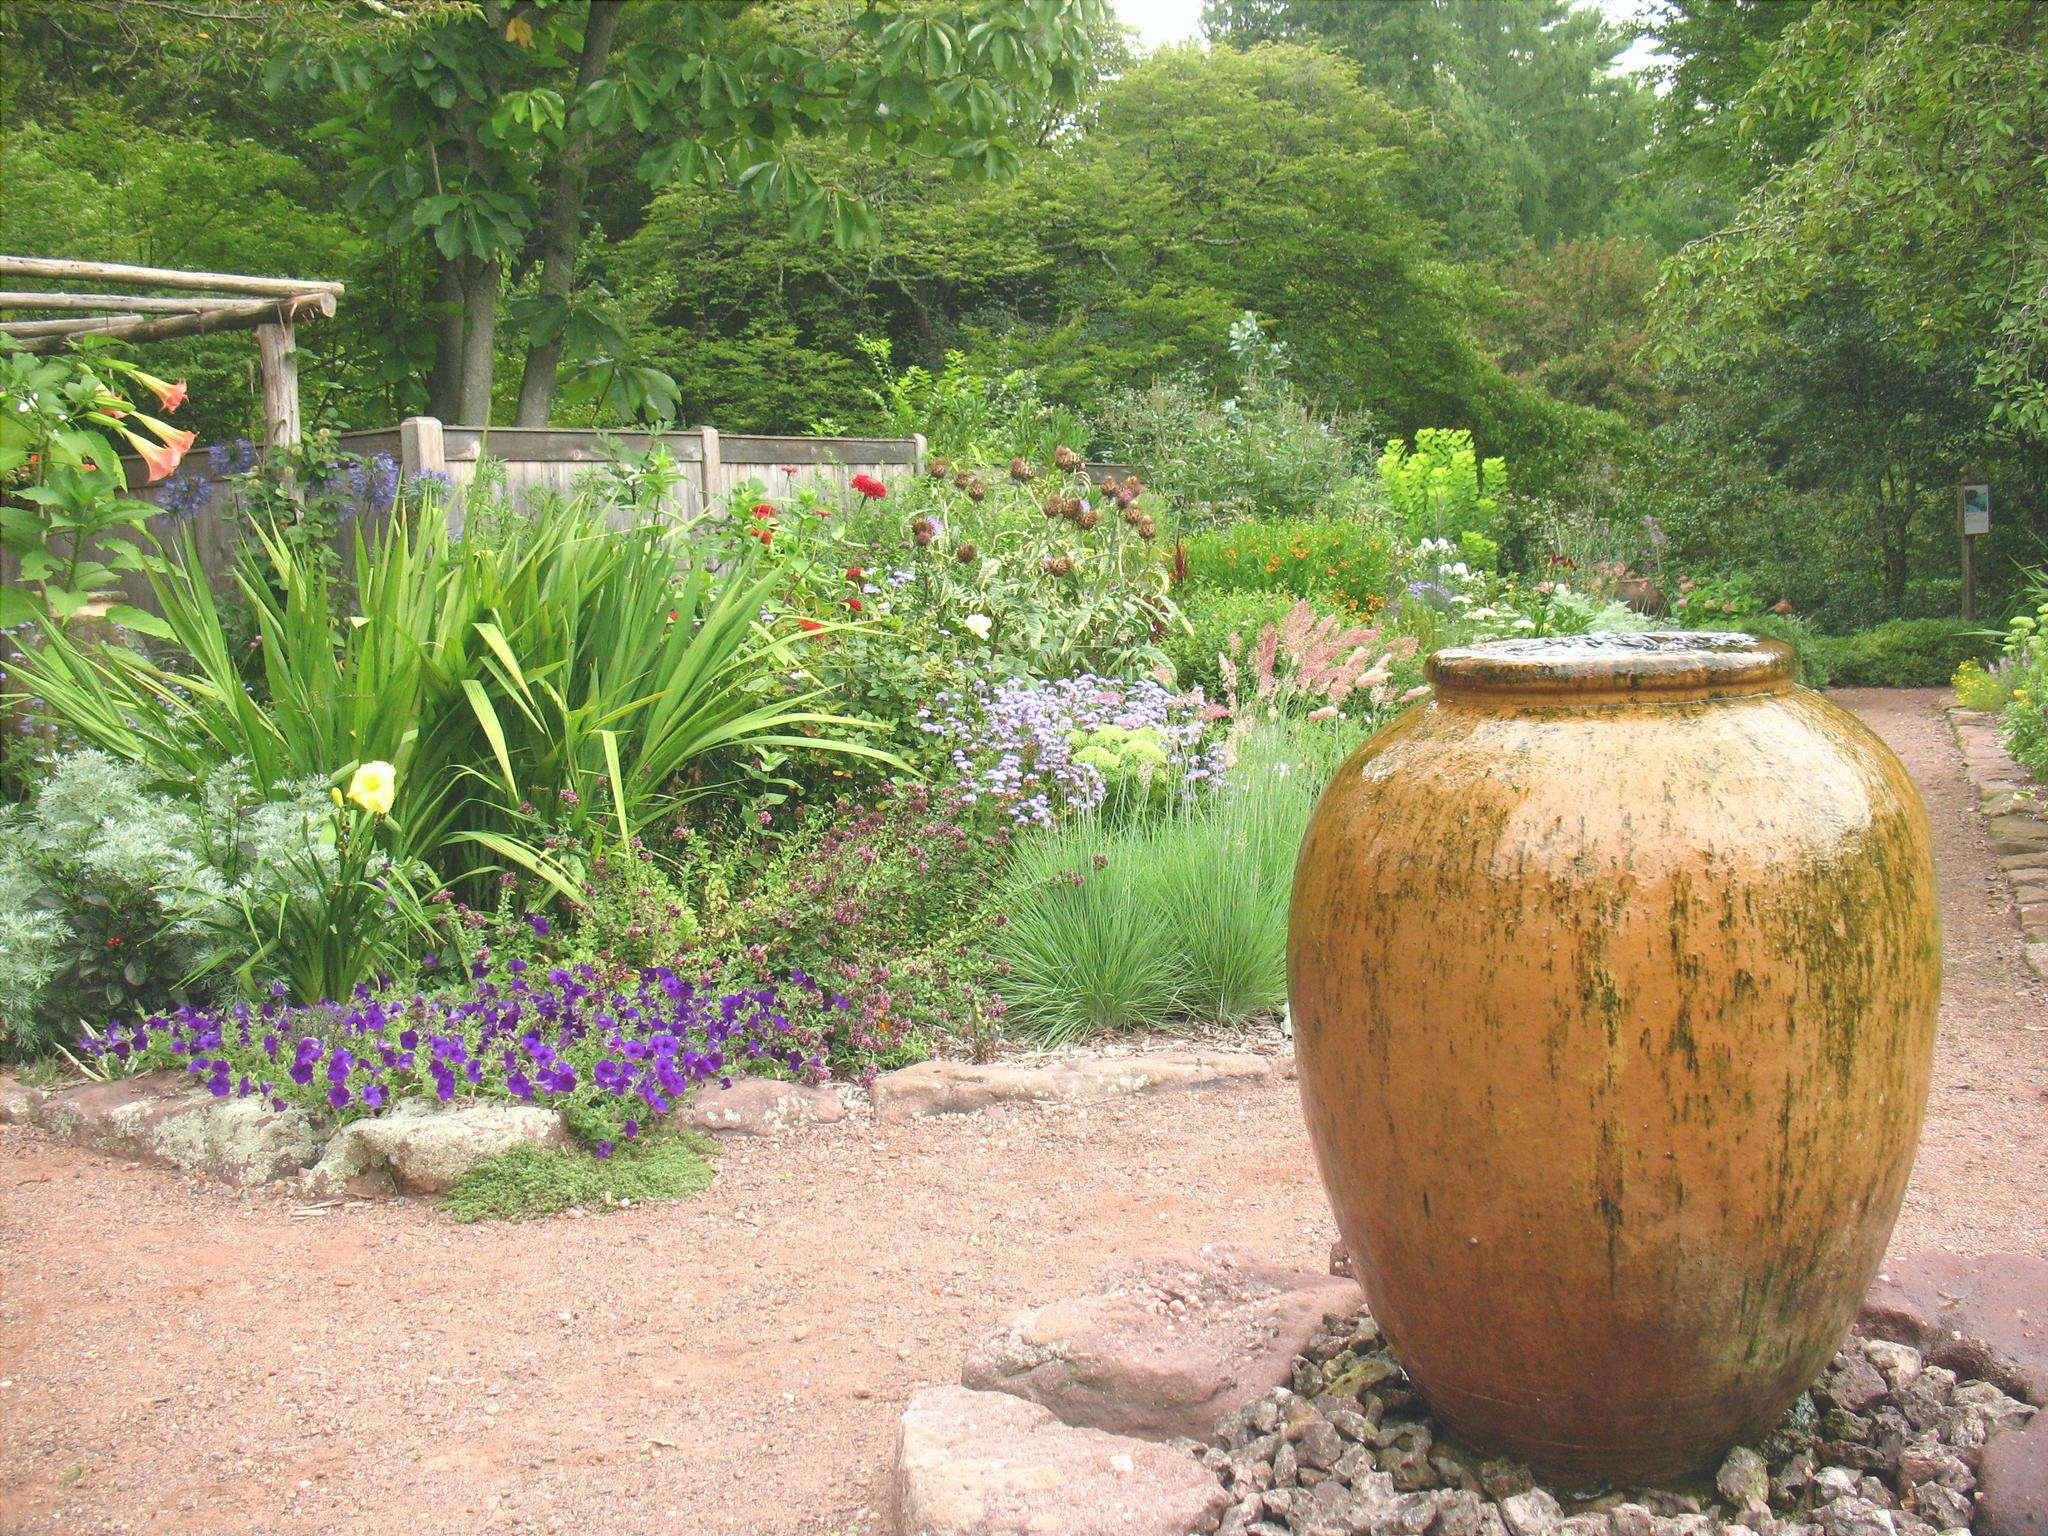 Il giardino mediterraneo è uno stile di giardino in cui si usano piante resistenti alla siccità.